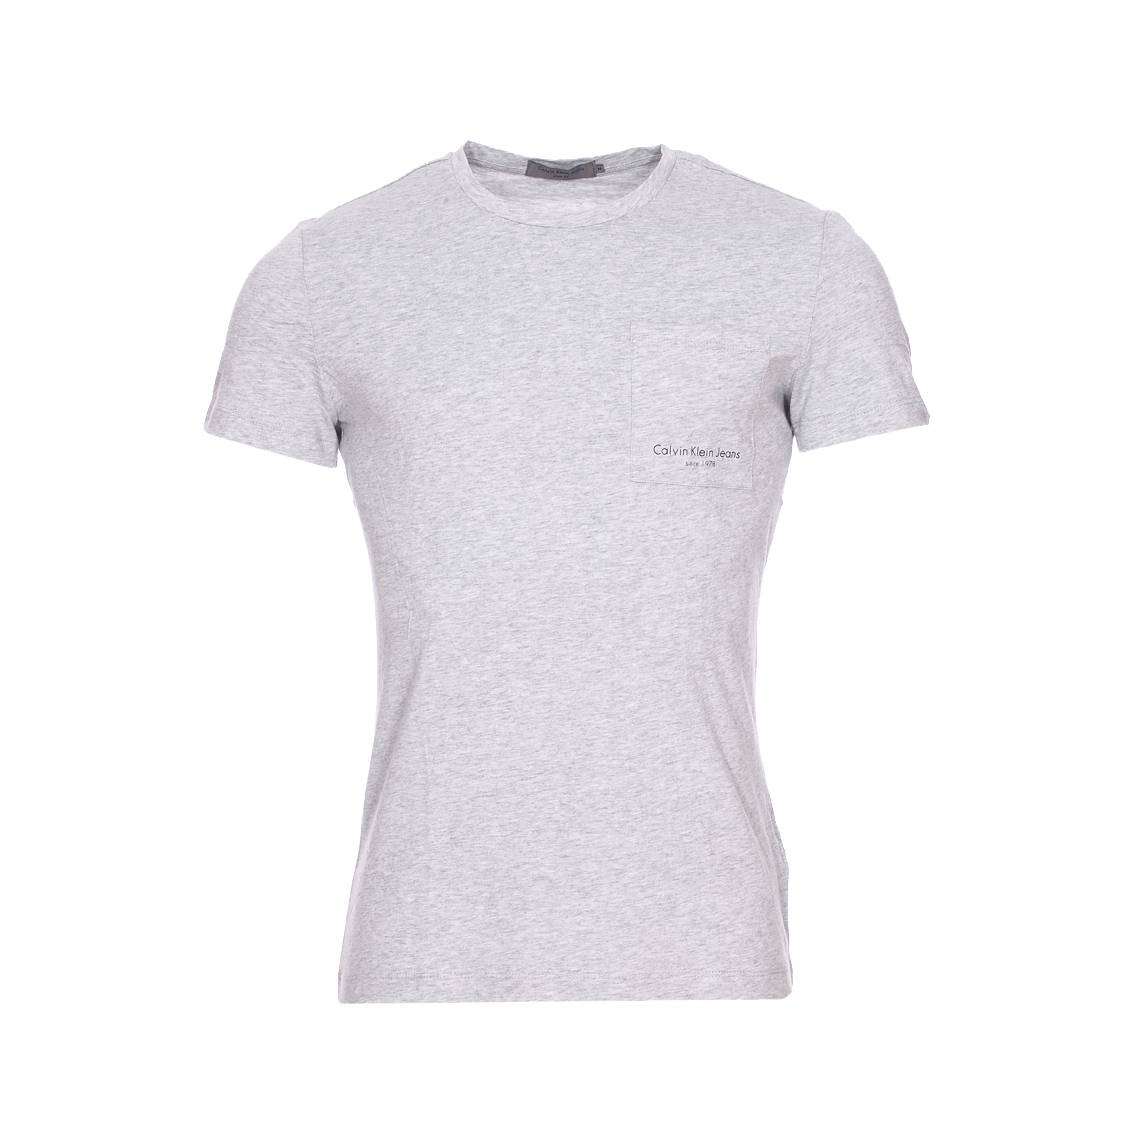 Tee-shirt col rond  talb gris chiné